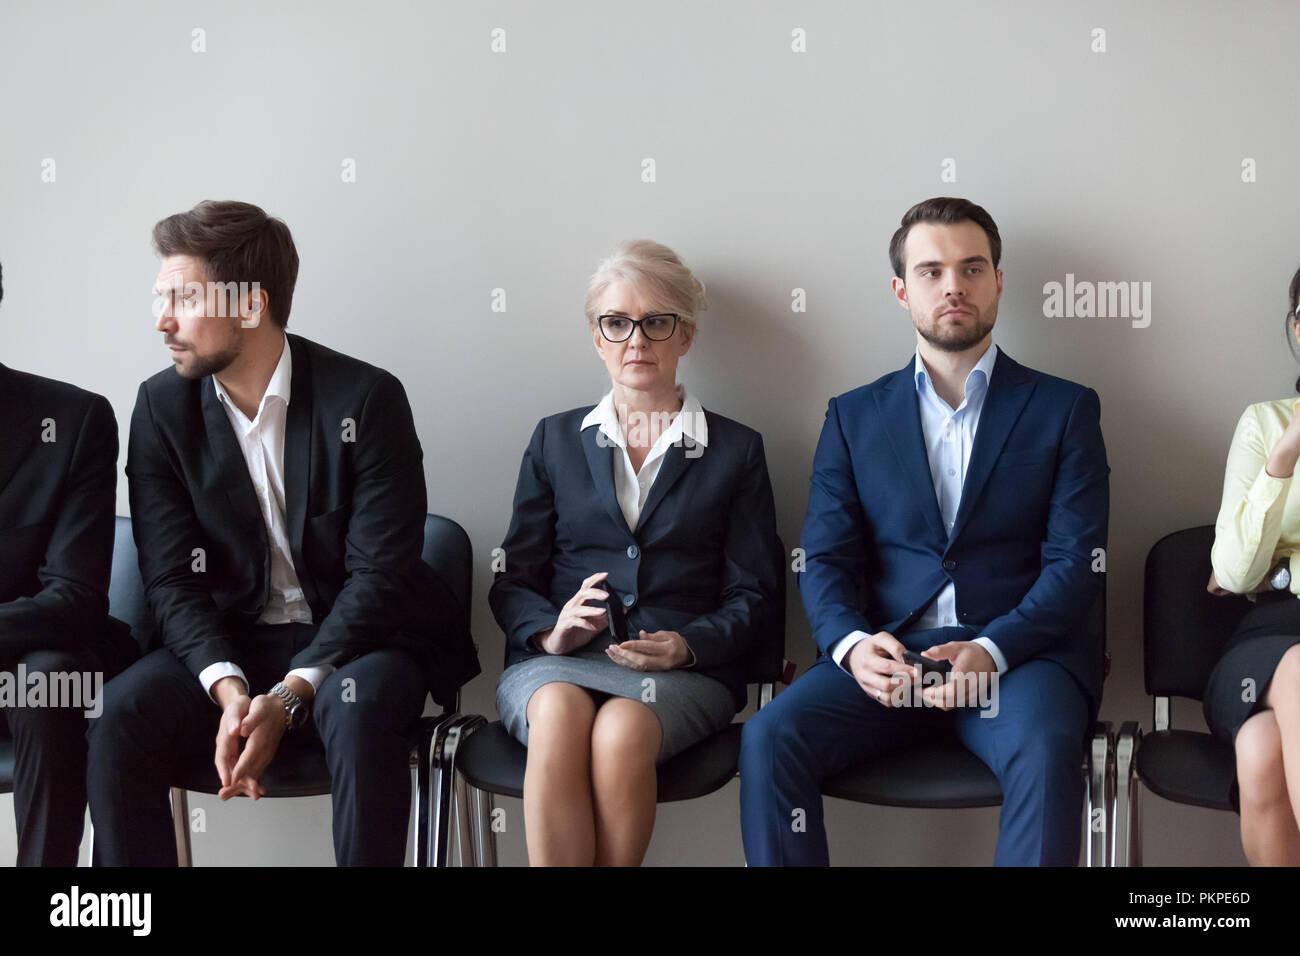 Les candidats jeunes et matures en attente d'entrevue d'emploi in office Photo Stock